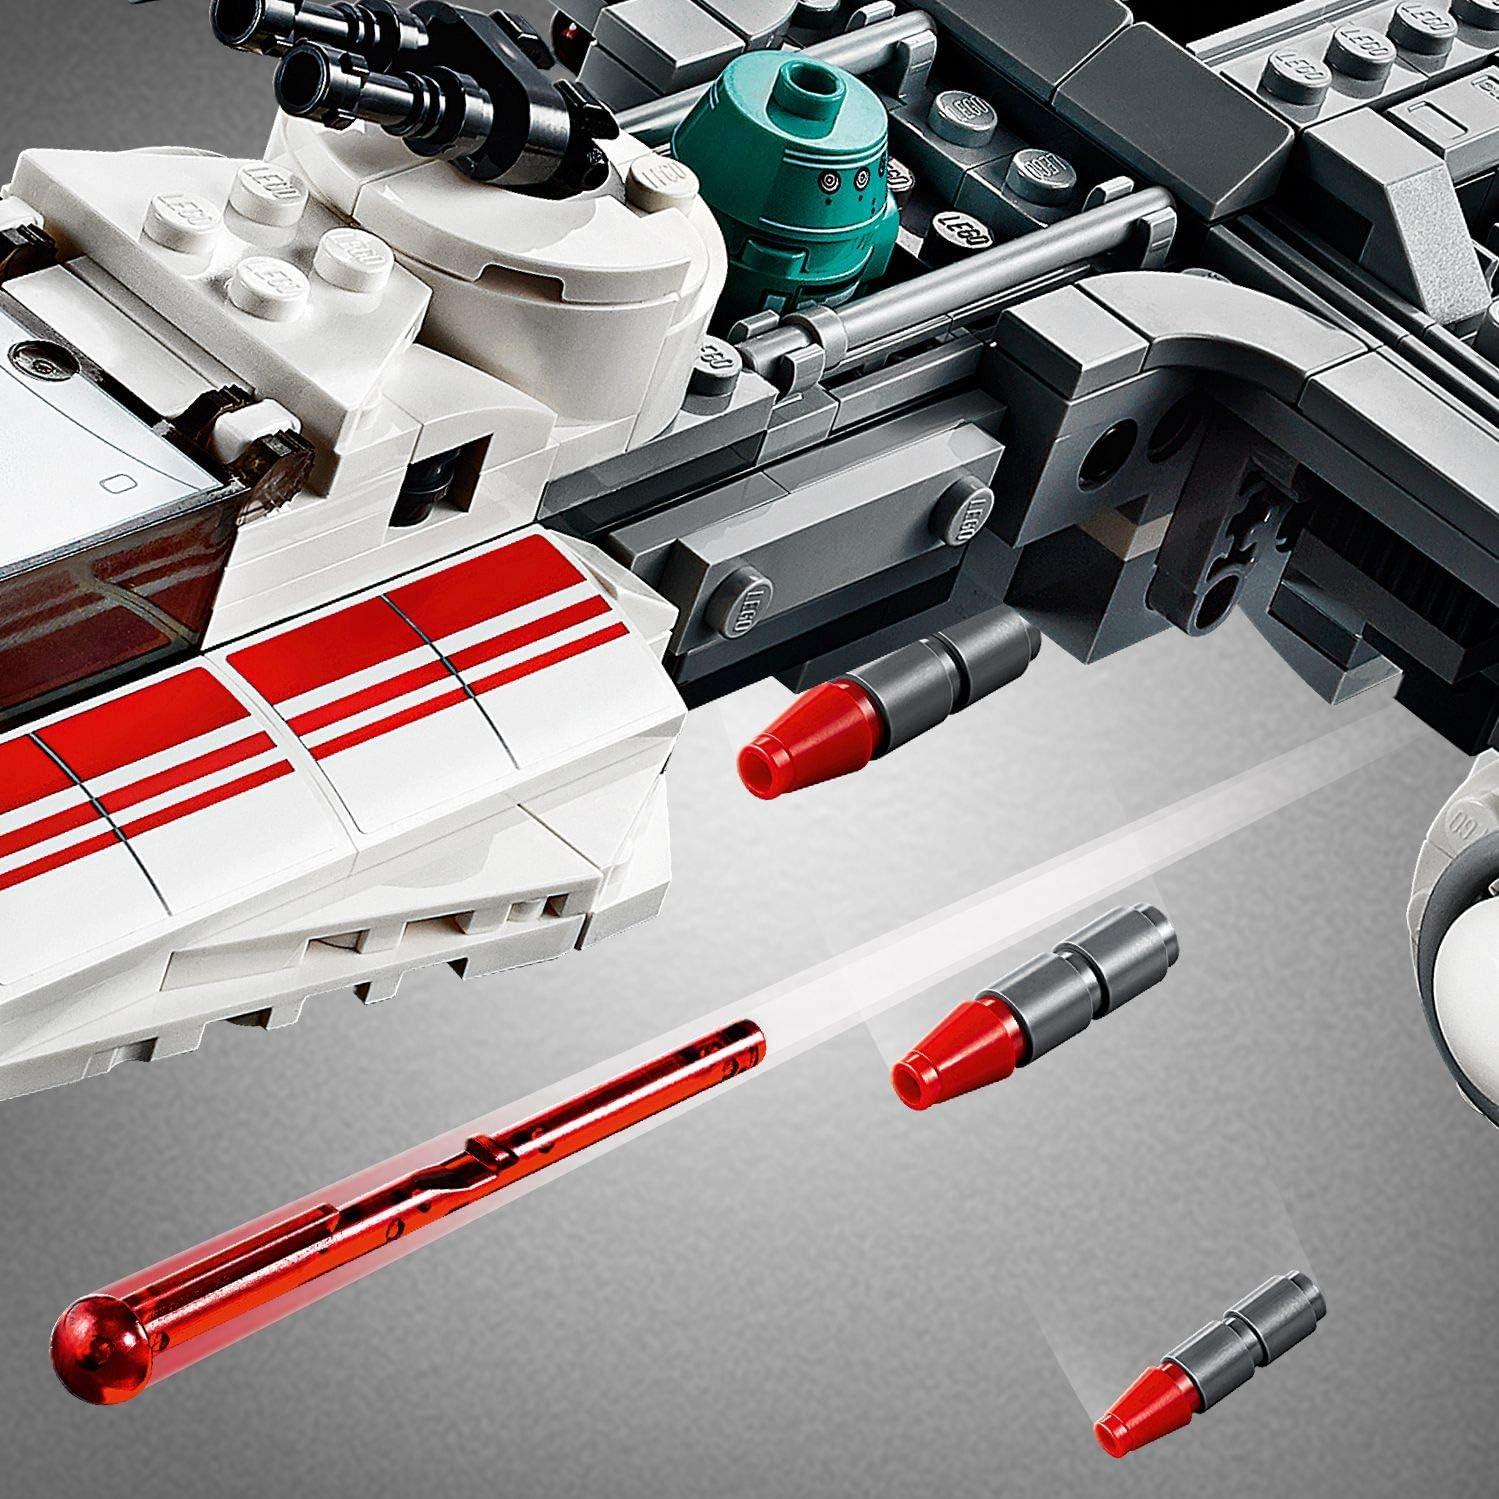 578 Pi/èces /à Construire 75249 LEGO/®-Star Wars/™ Y-Wing Starfighter/™ de la R/ésistance Jouet Enfant /à Partir de 8 ans